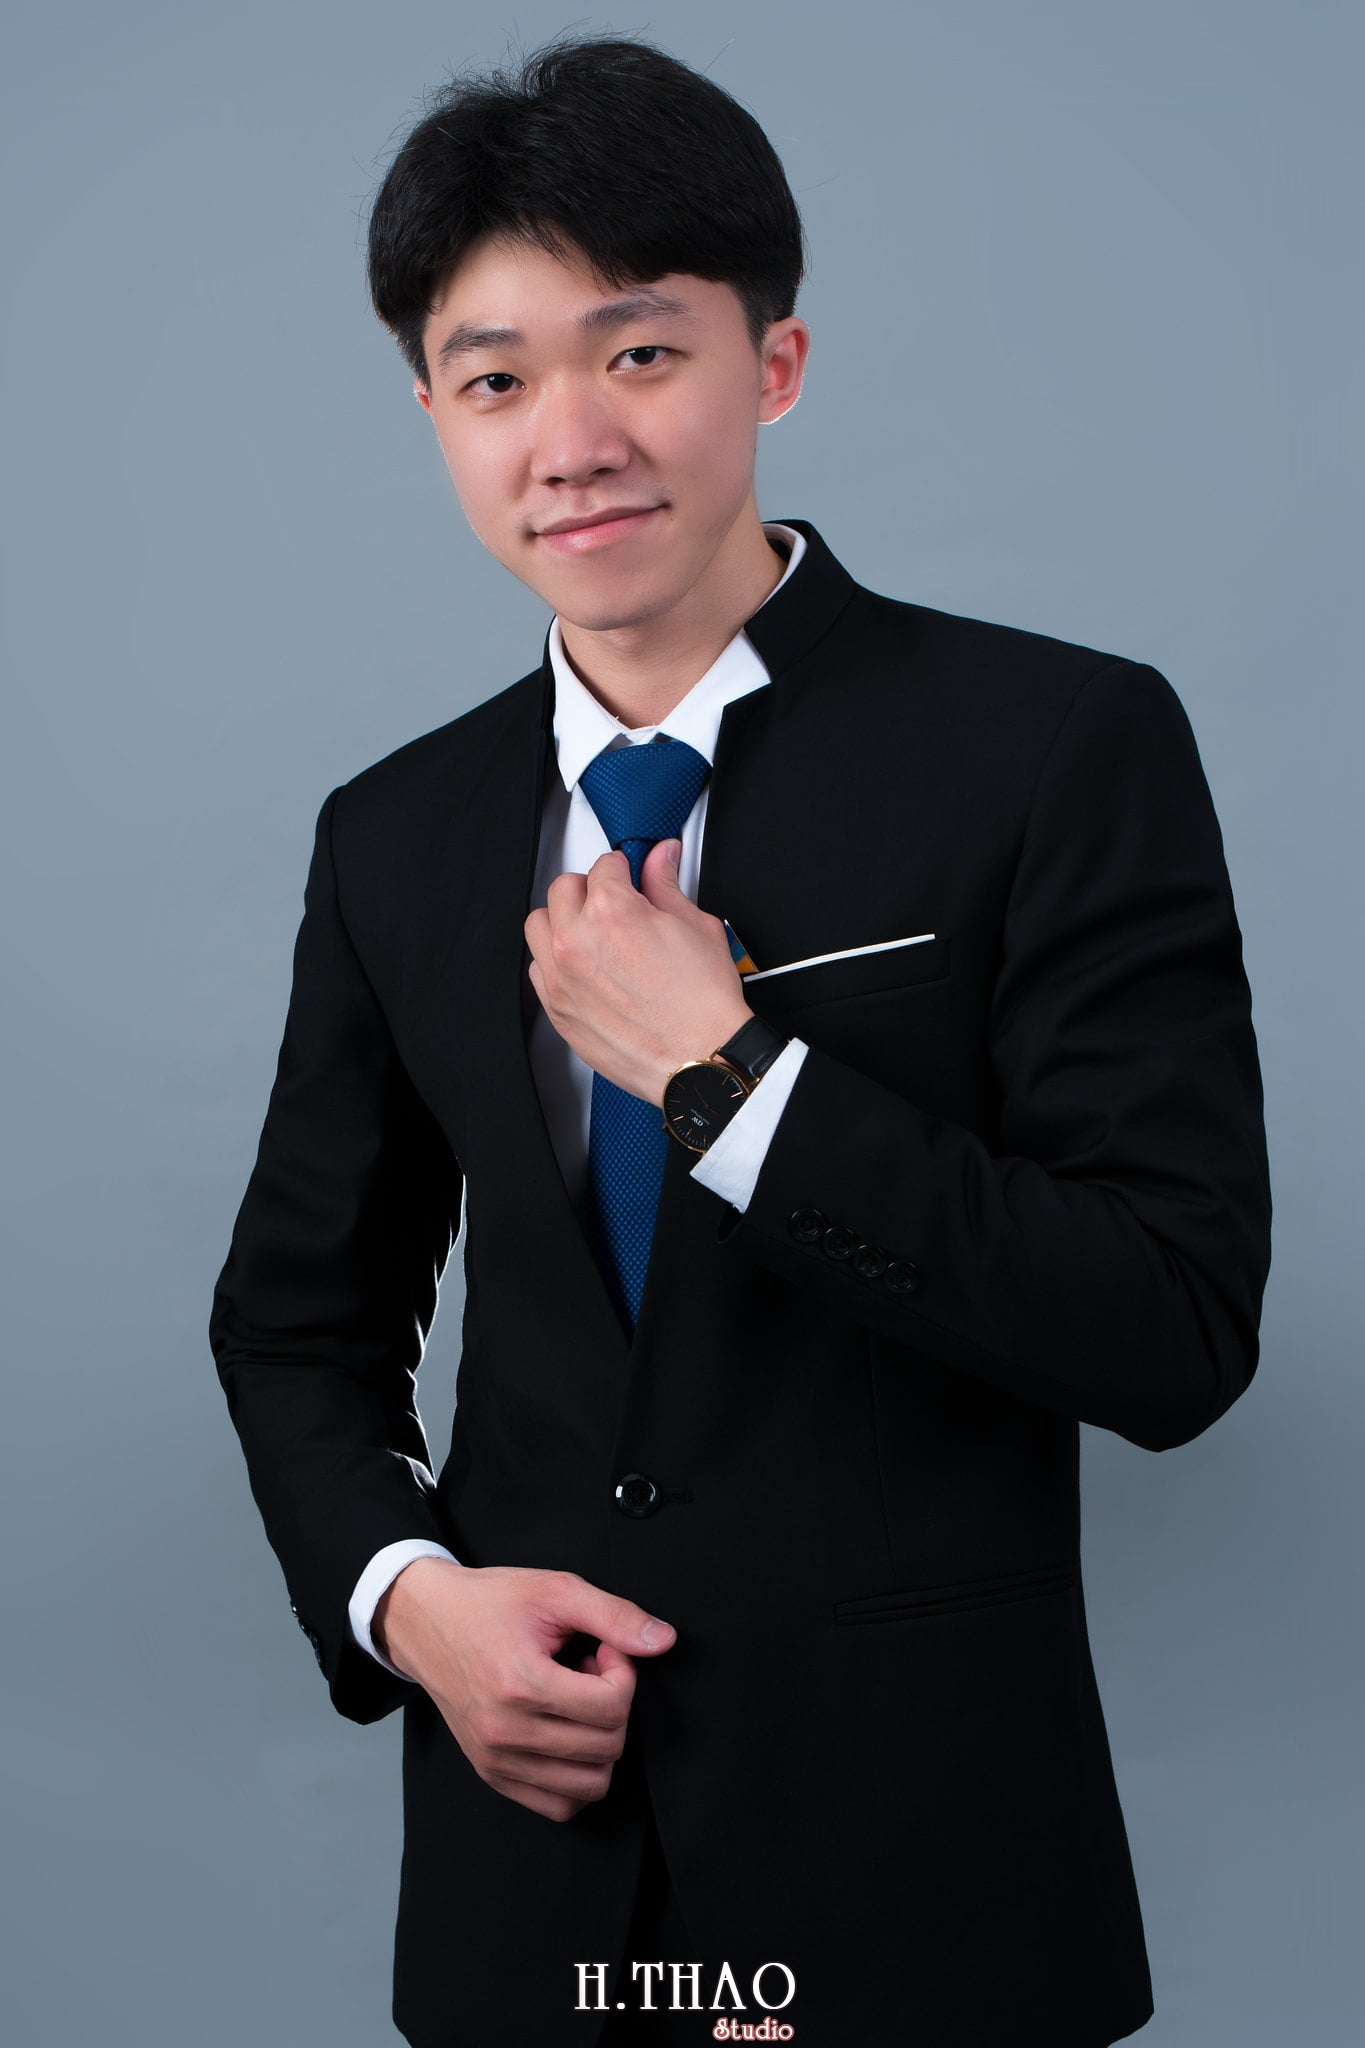 Thanh dat xanh 1 - Chụp ảnh profile nhân viên bất động sản Đất Xanh - HThao Studio